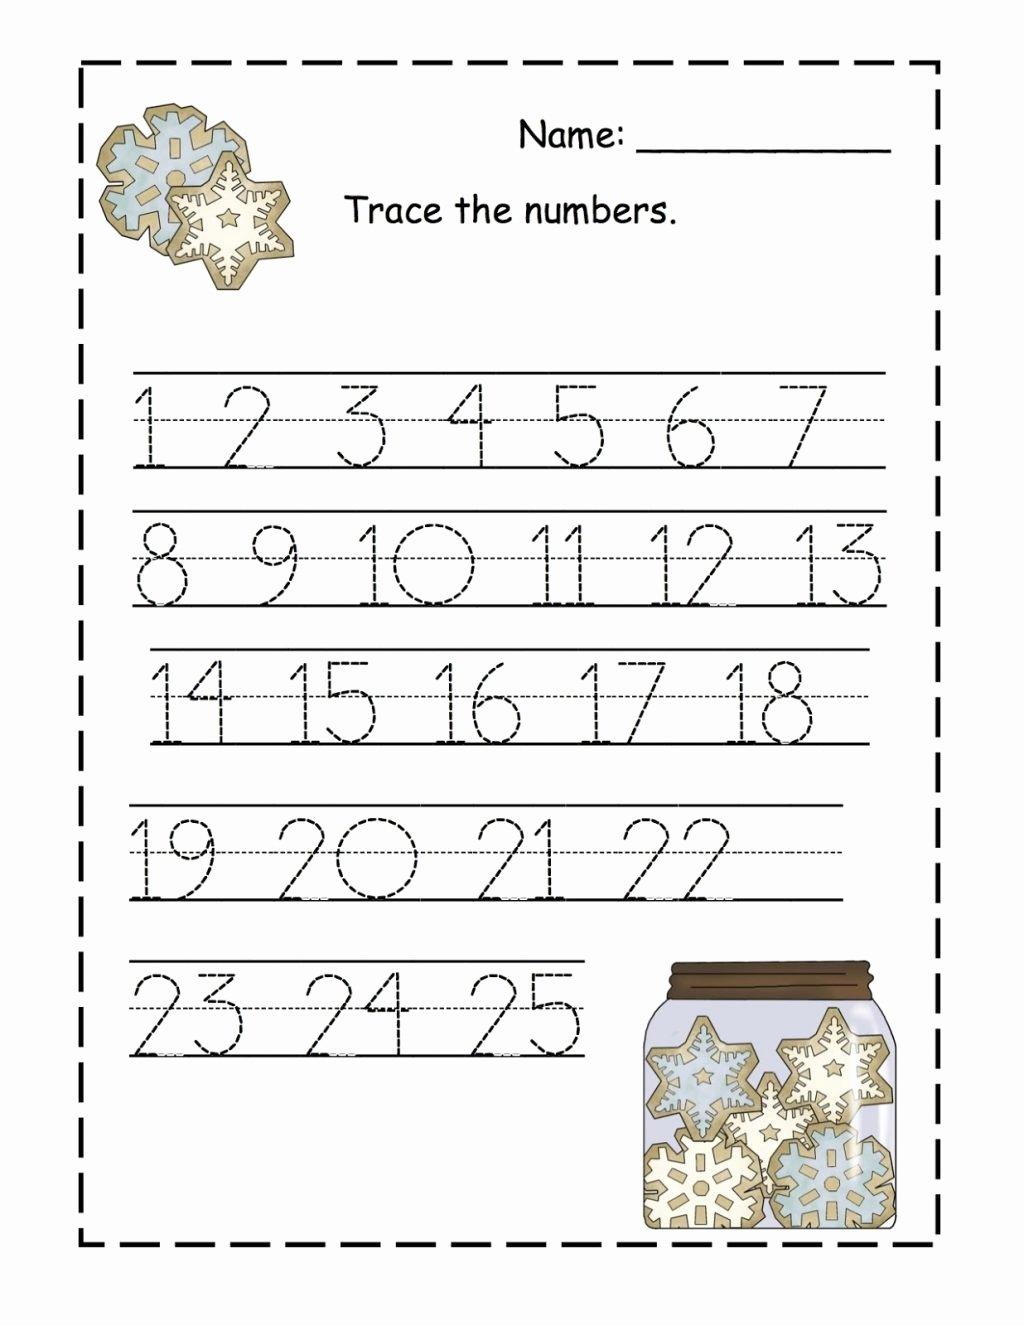 Numbers Worksheets for Preschoolers Free Printables Best Of Worksheet Preschoolts Free Printable Number Frozen